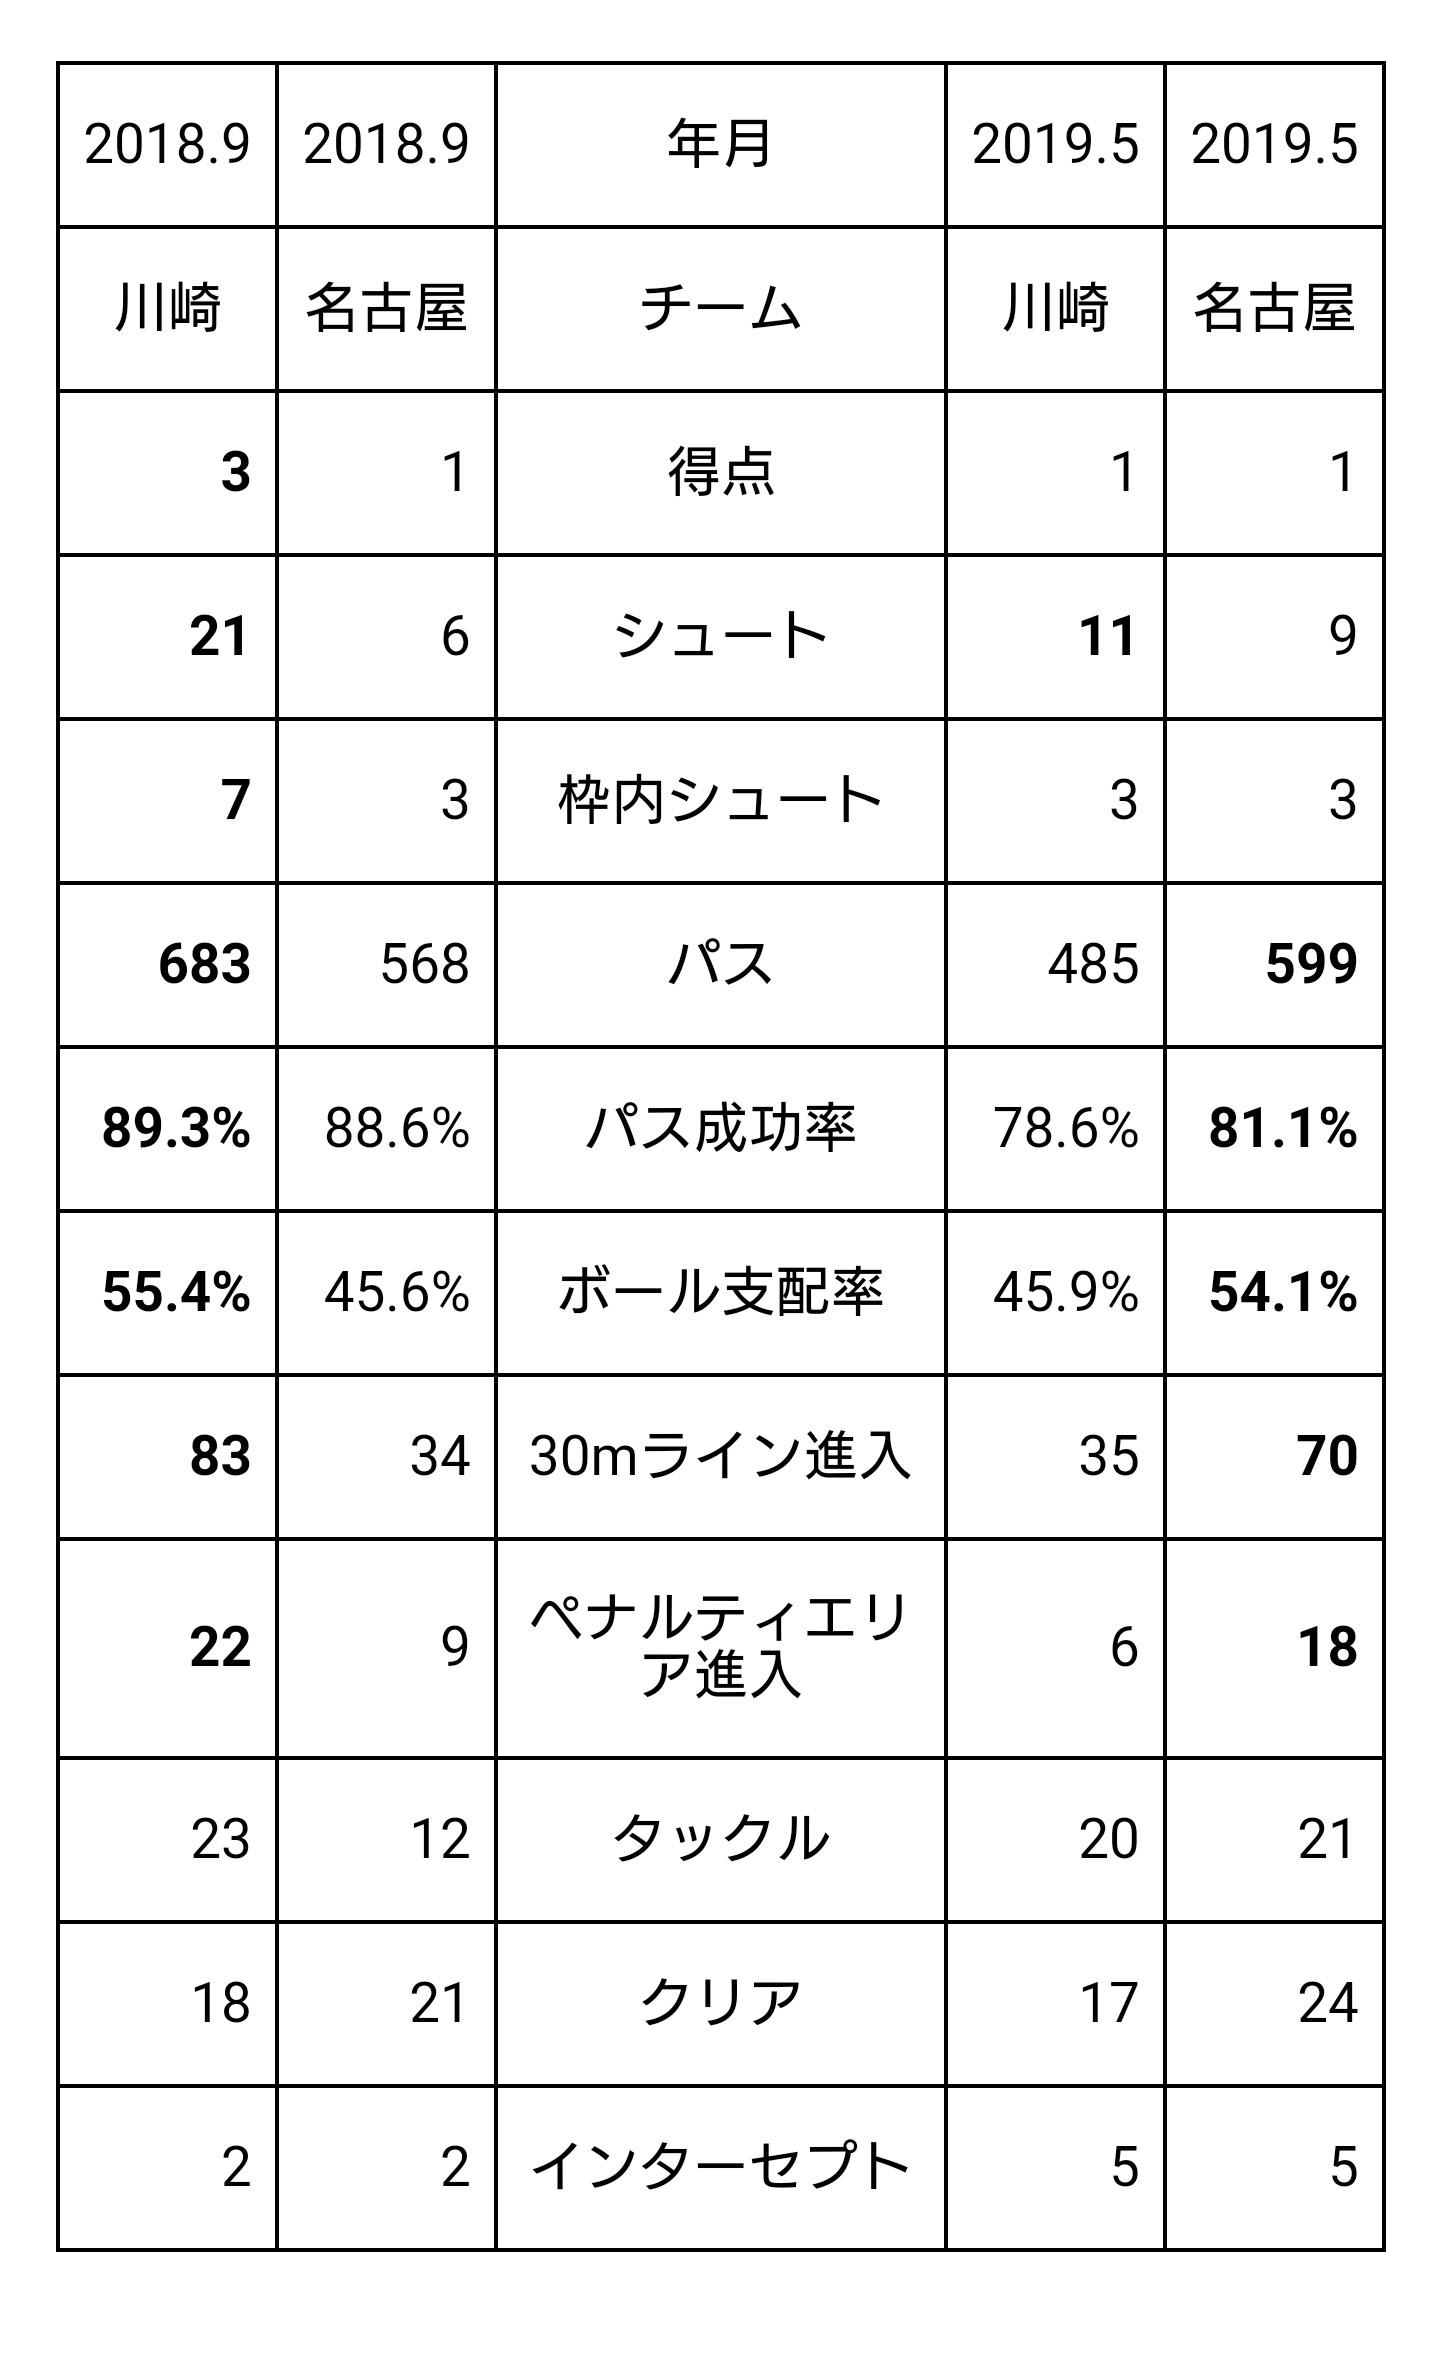 名古屋-川崎戦、スタッツの変化